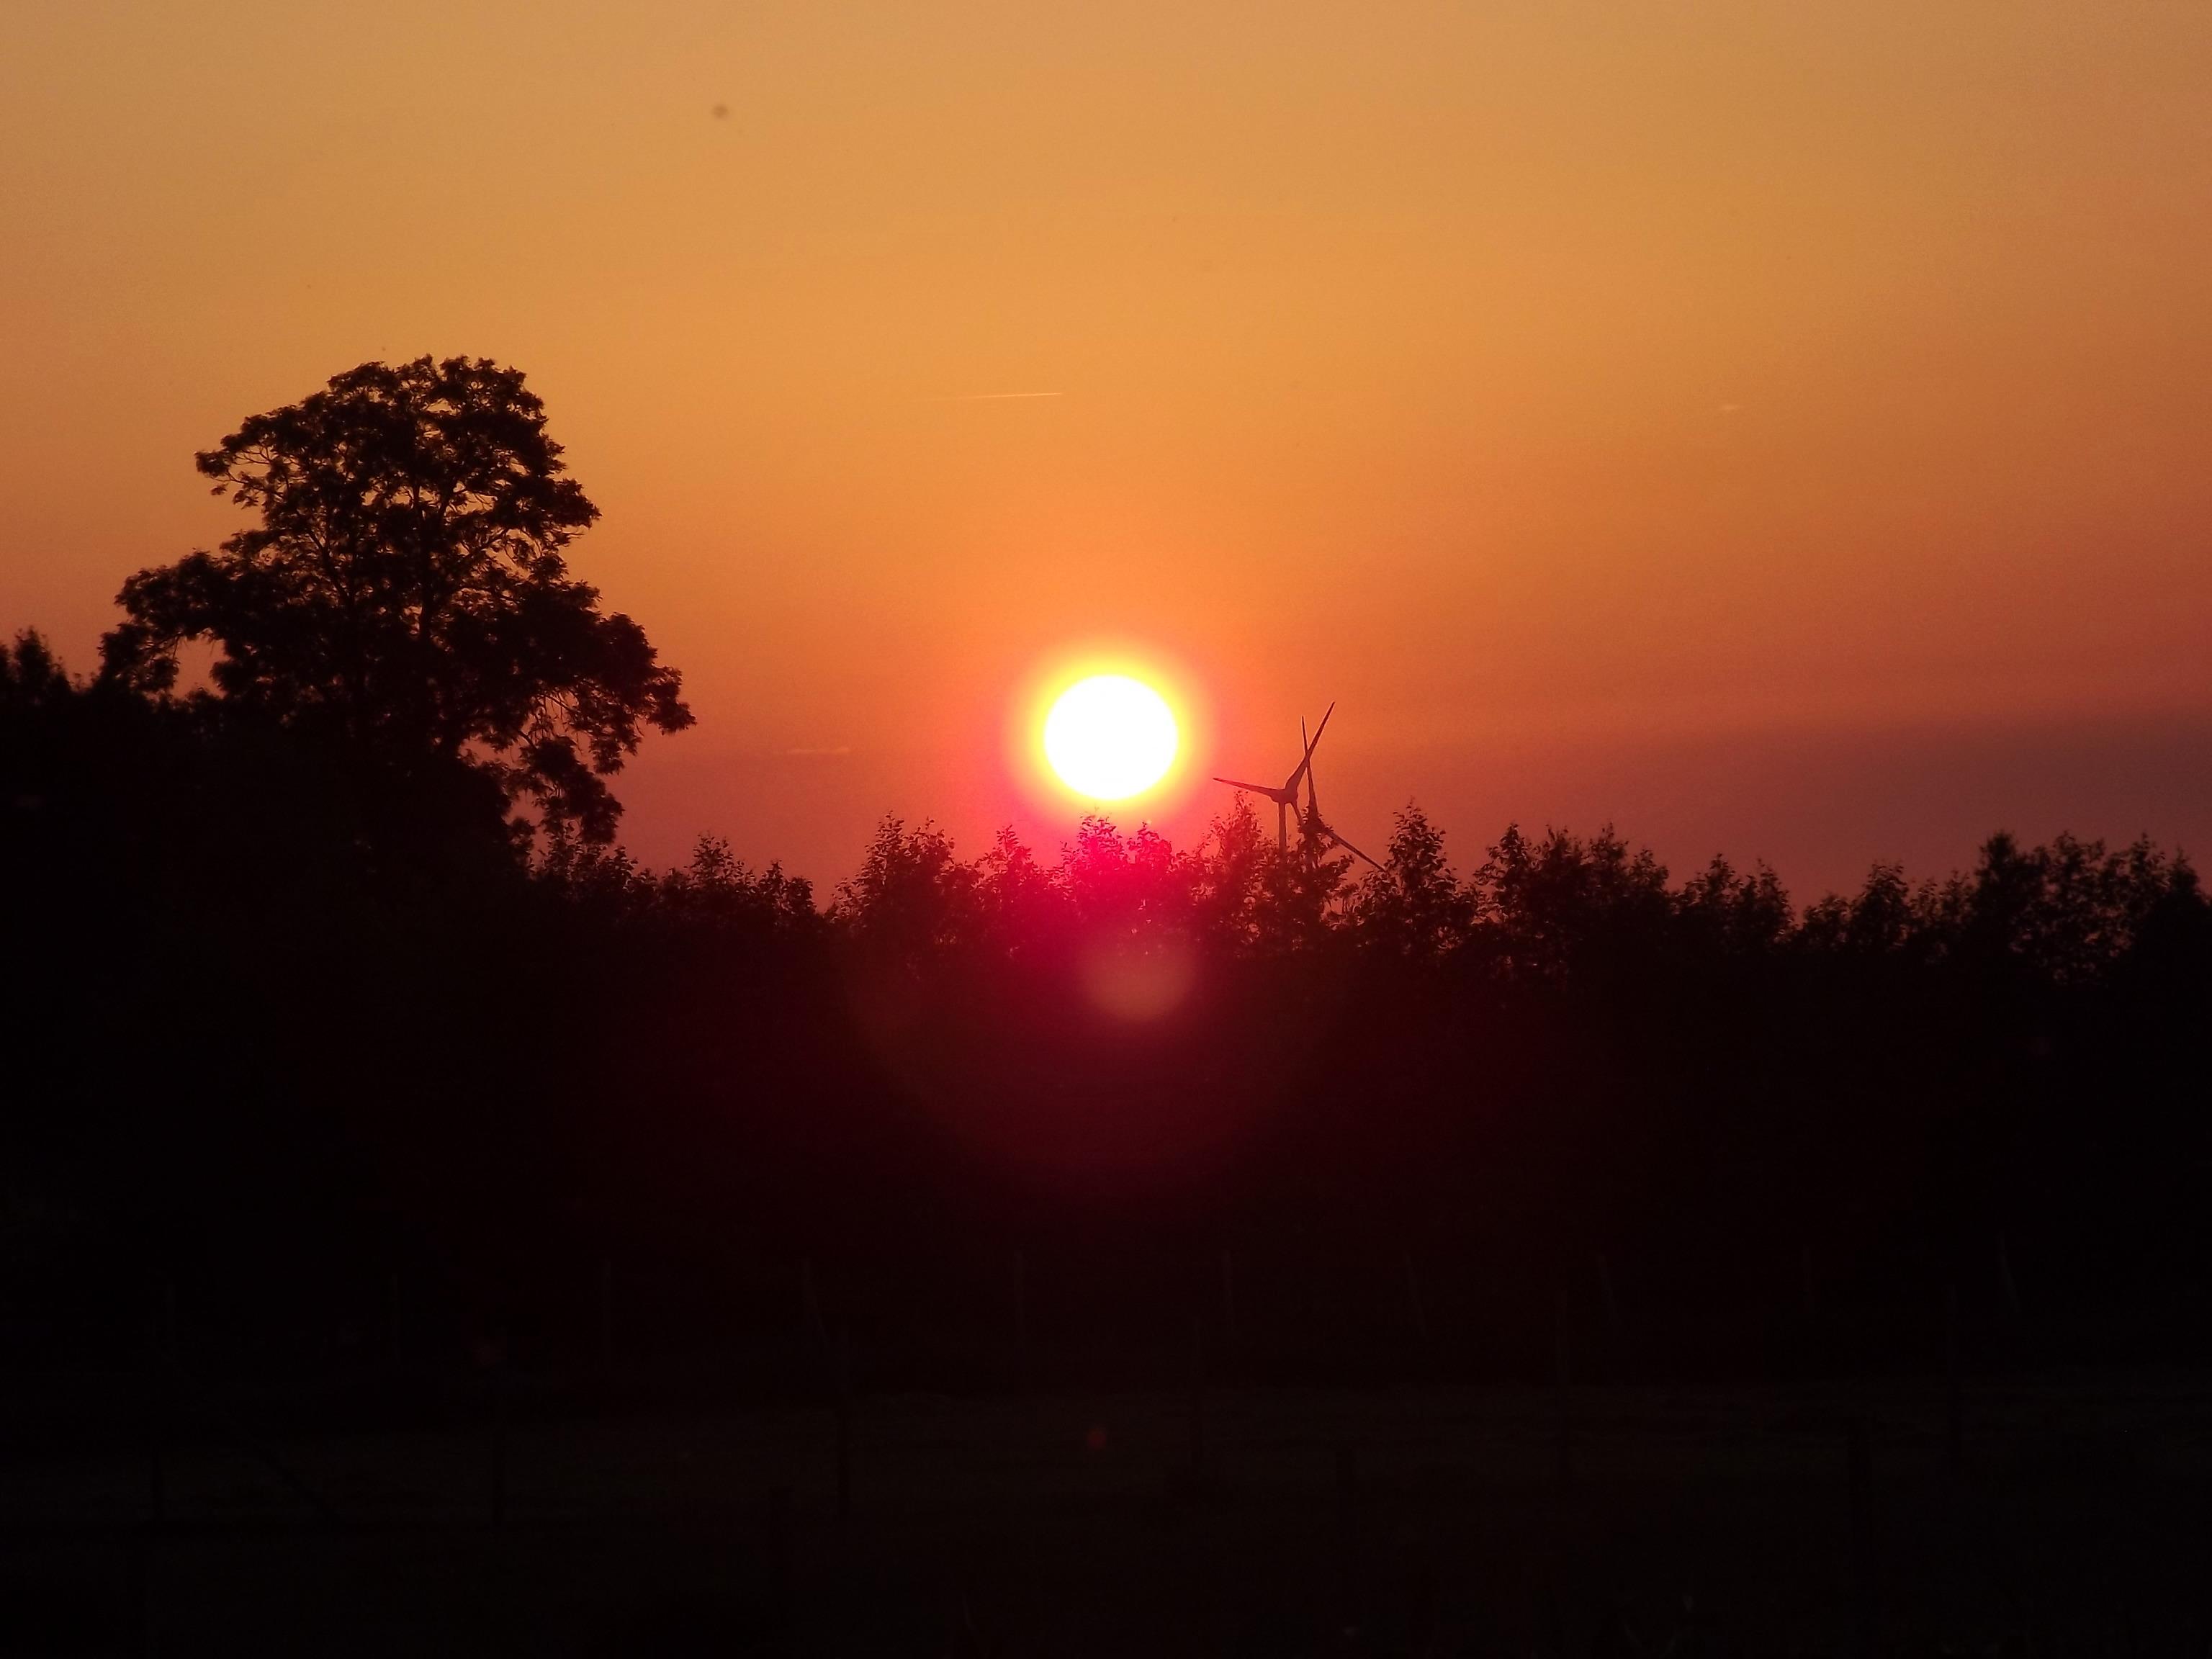 6245-sonnenaufgang-sonnenuntergang-wald-himmel